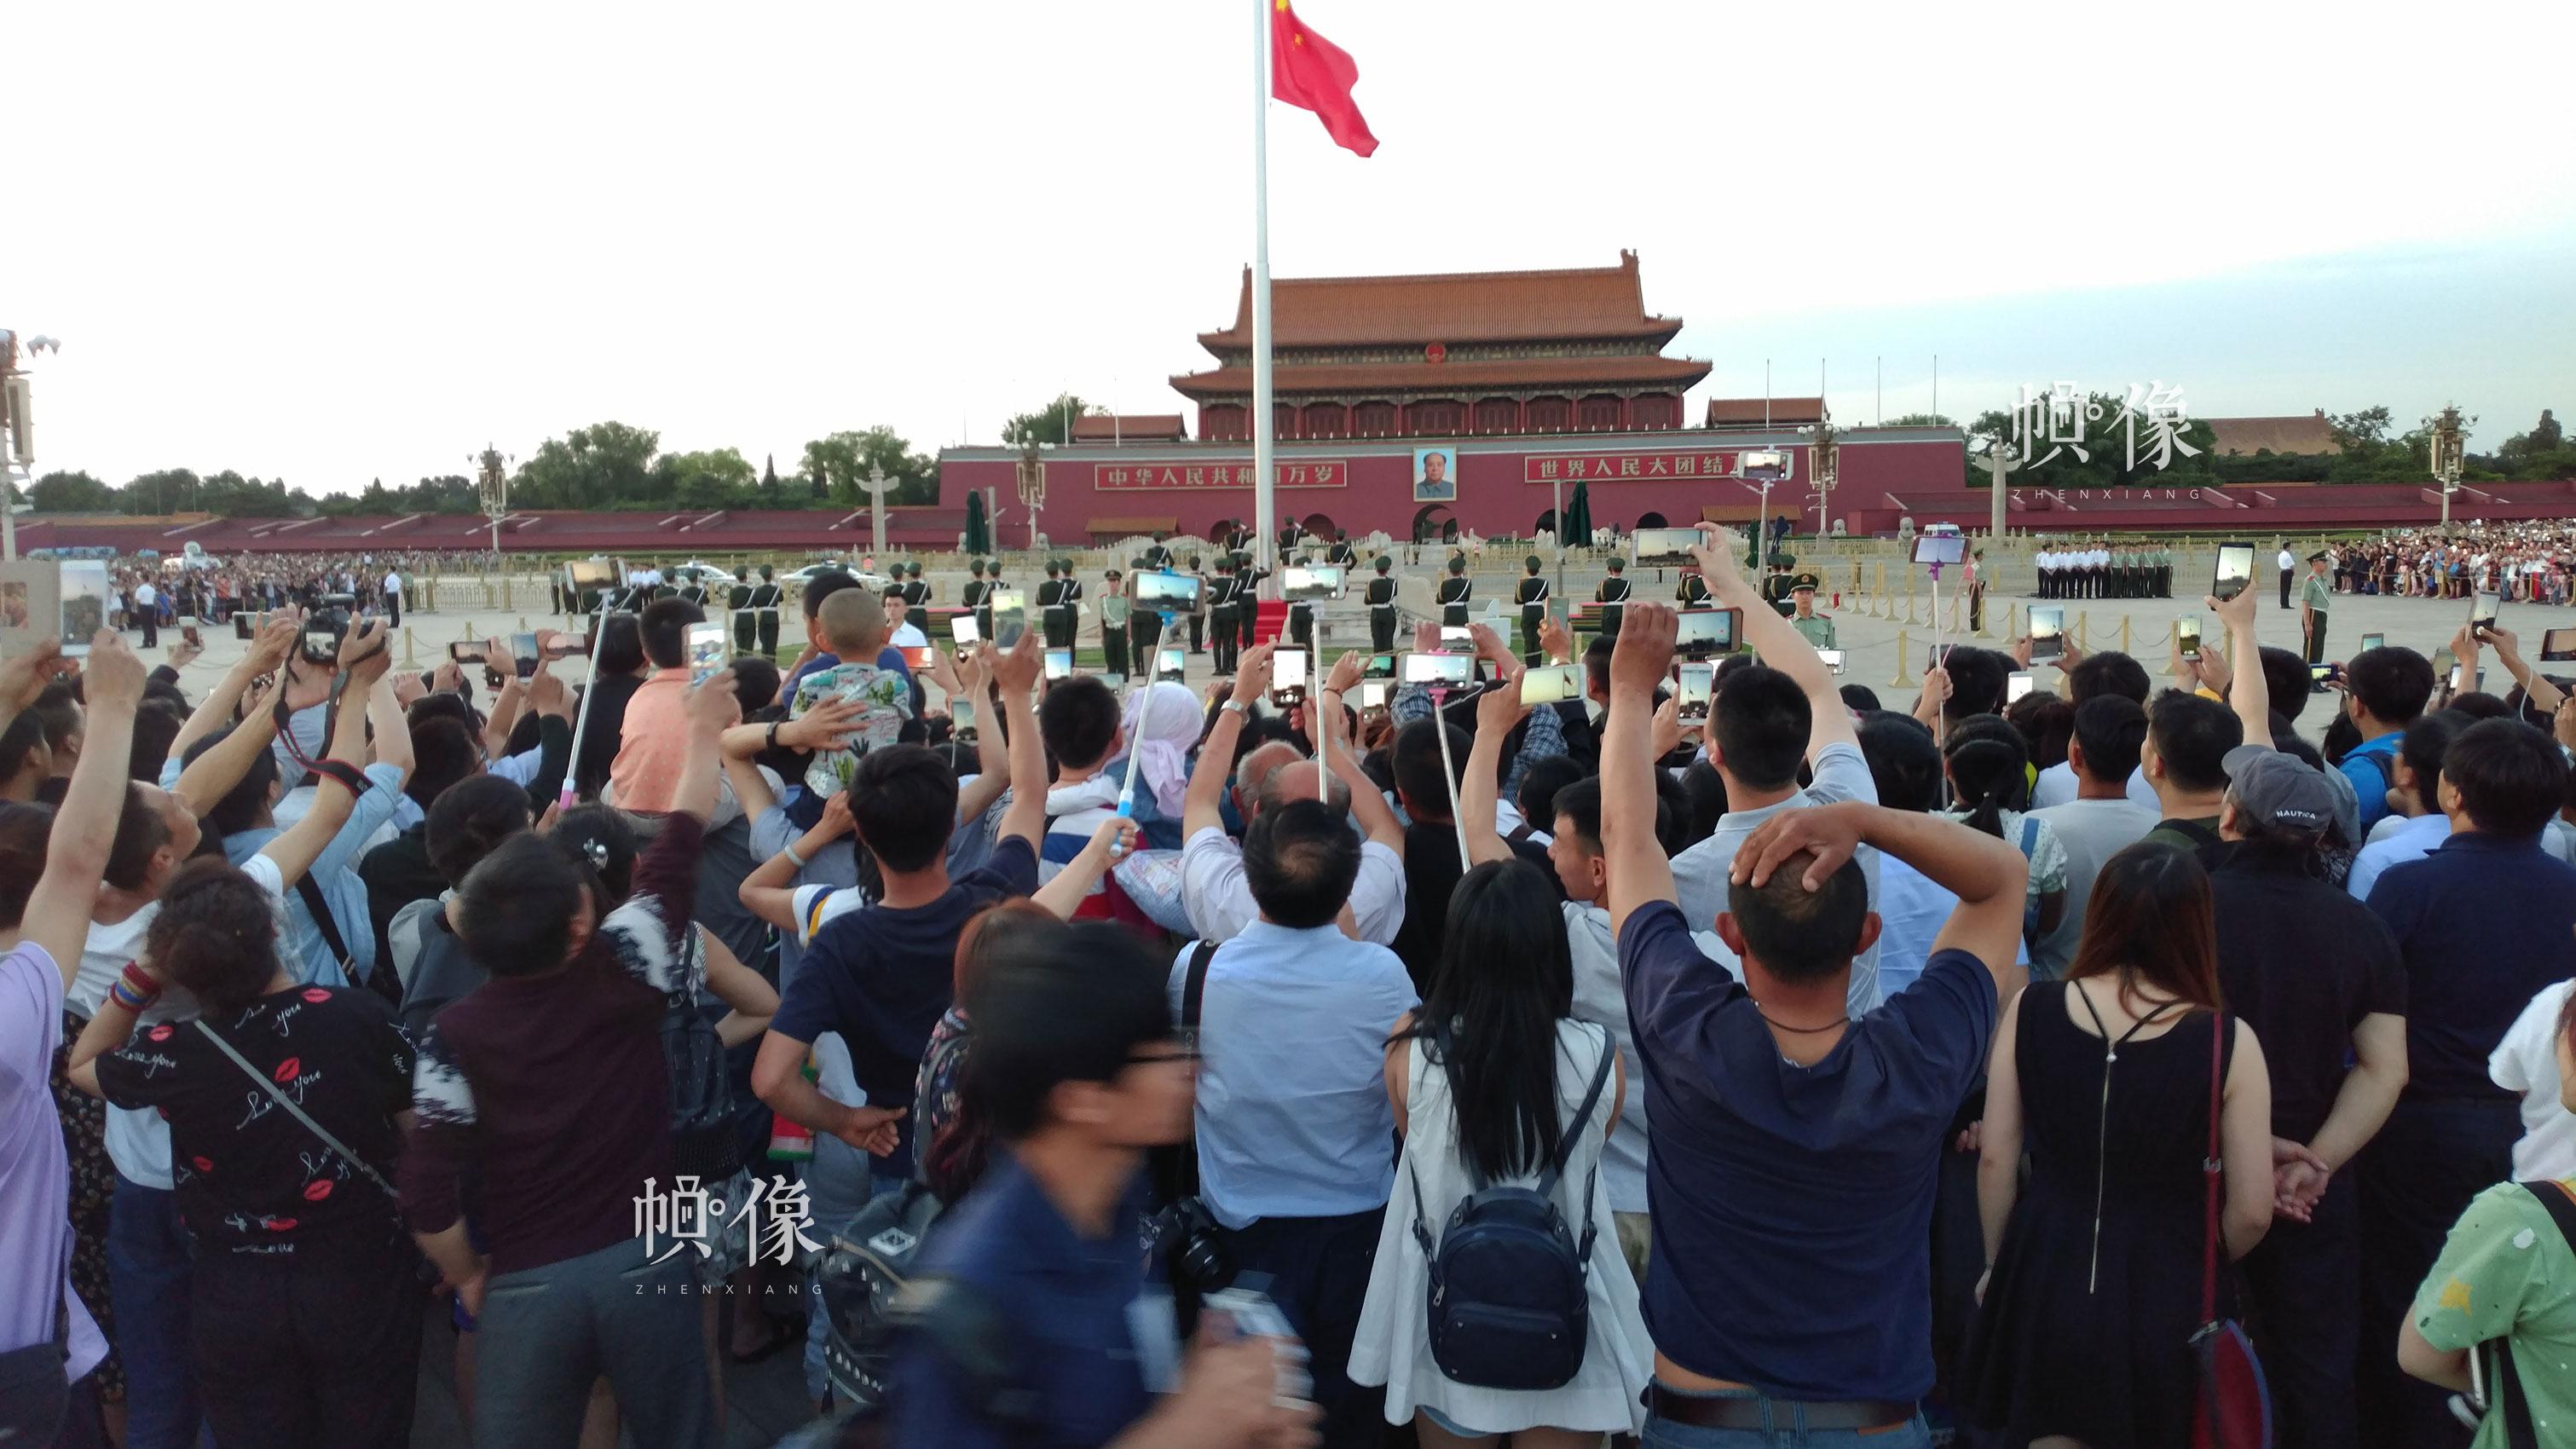 每天早上天安门广场都会有上万名中外游客前来观看升国旗仪式。李超供图